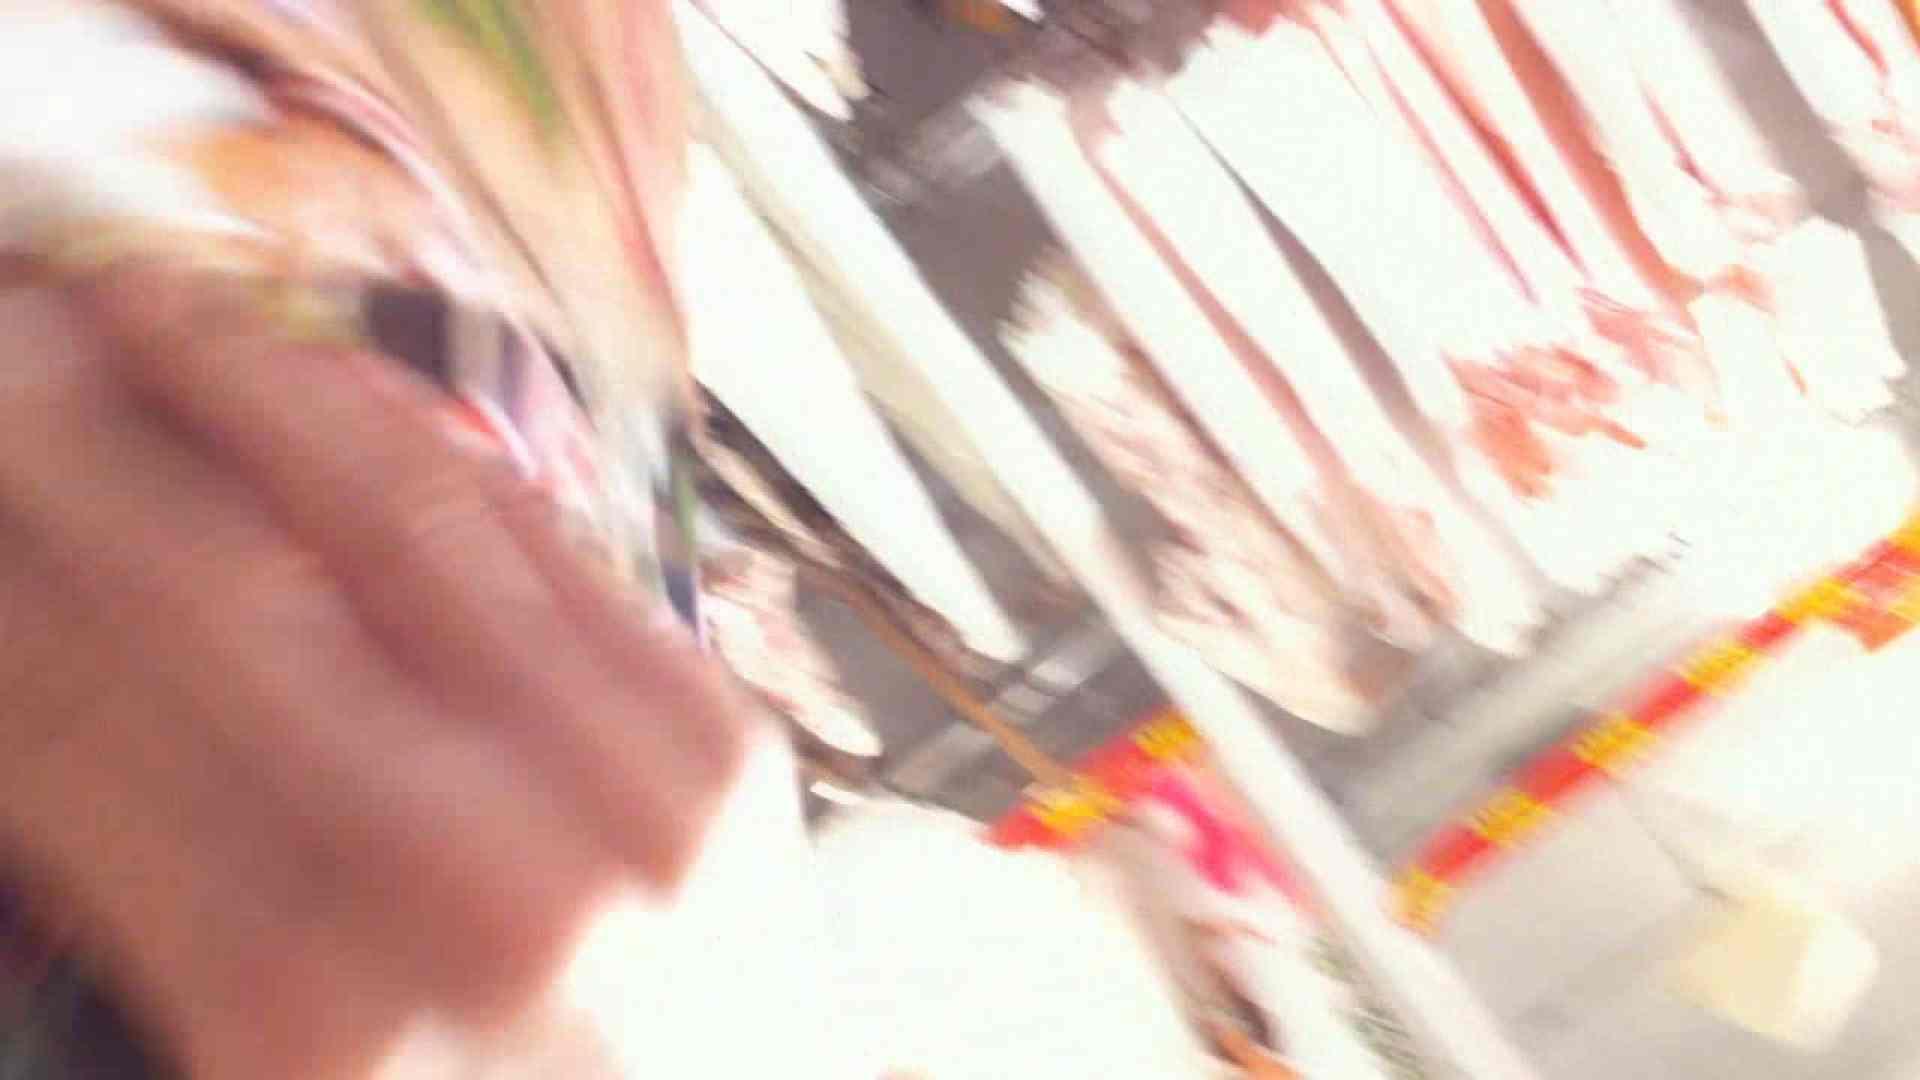 フルHD ショップ店員千人斬り! 大画面ノーカット完全版 vol.45 OLエロ画像 | ギャルエロ画像  104PICs 85